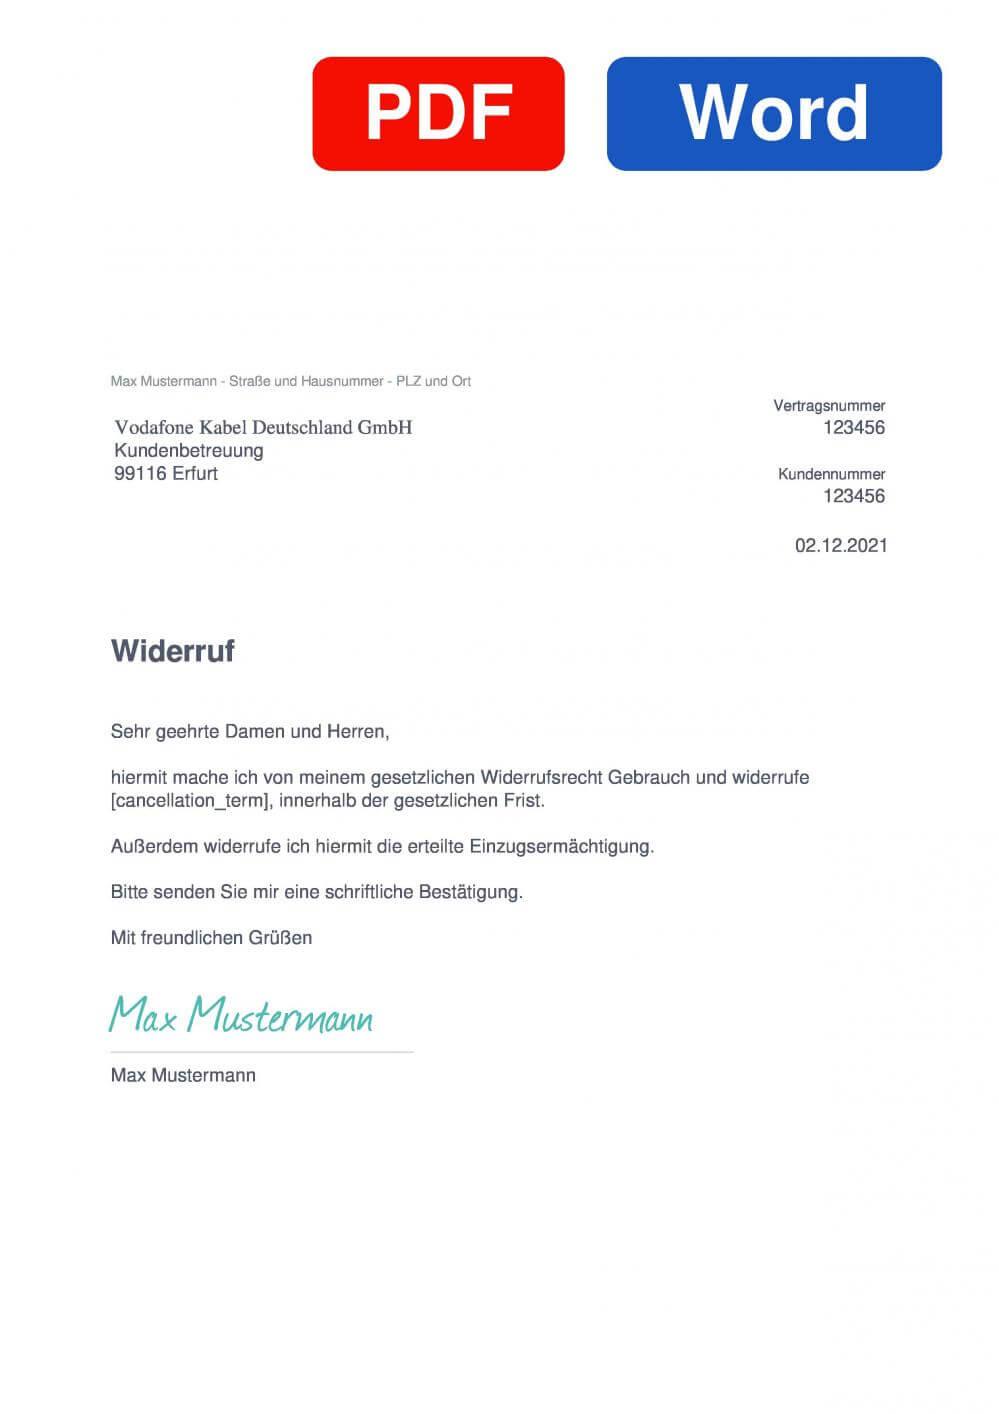 Vodafone TV Muster Vorlage für Wiederrufsschreiben